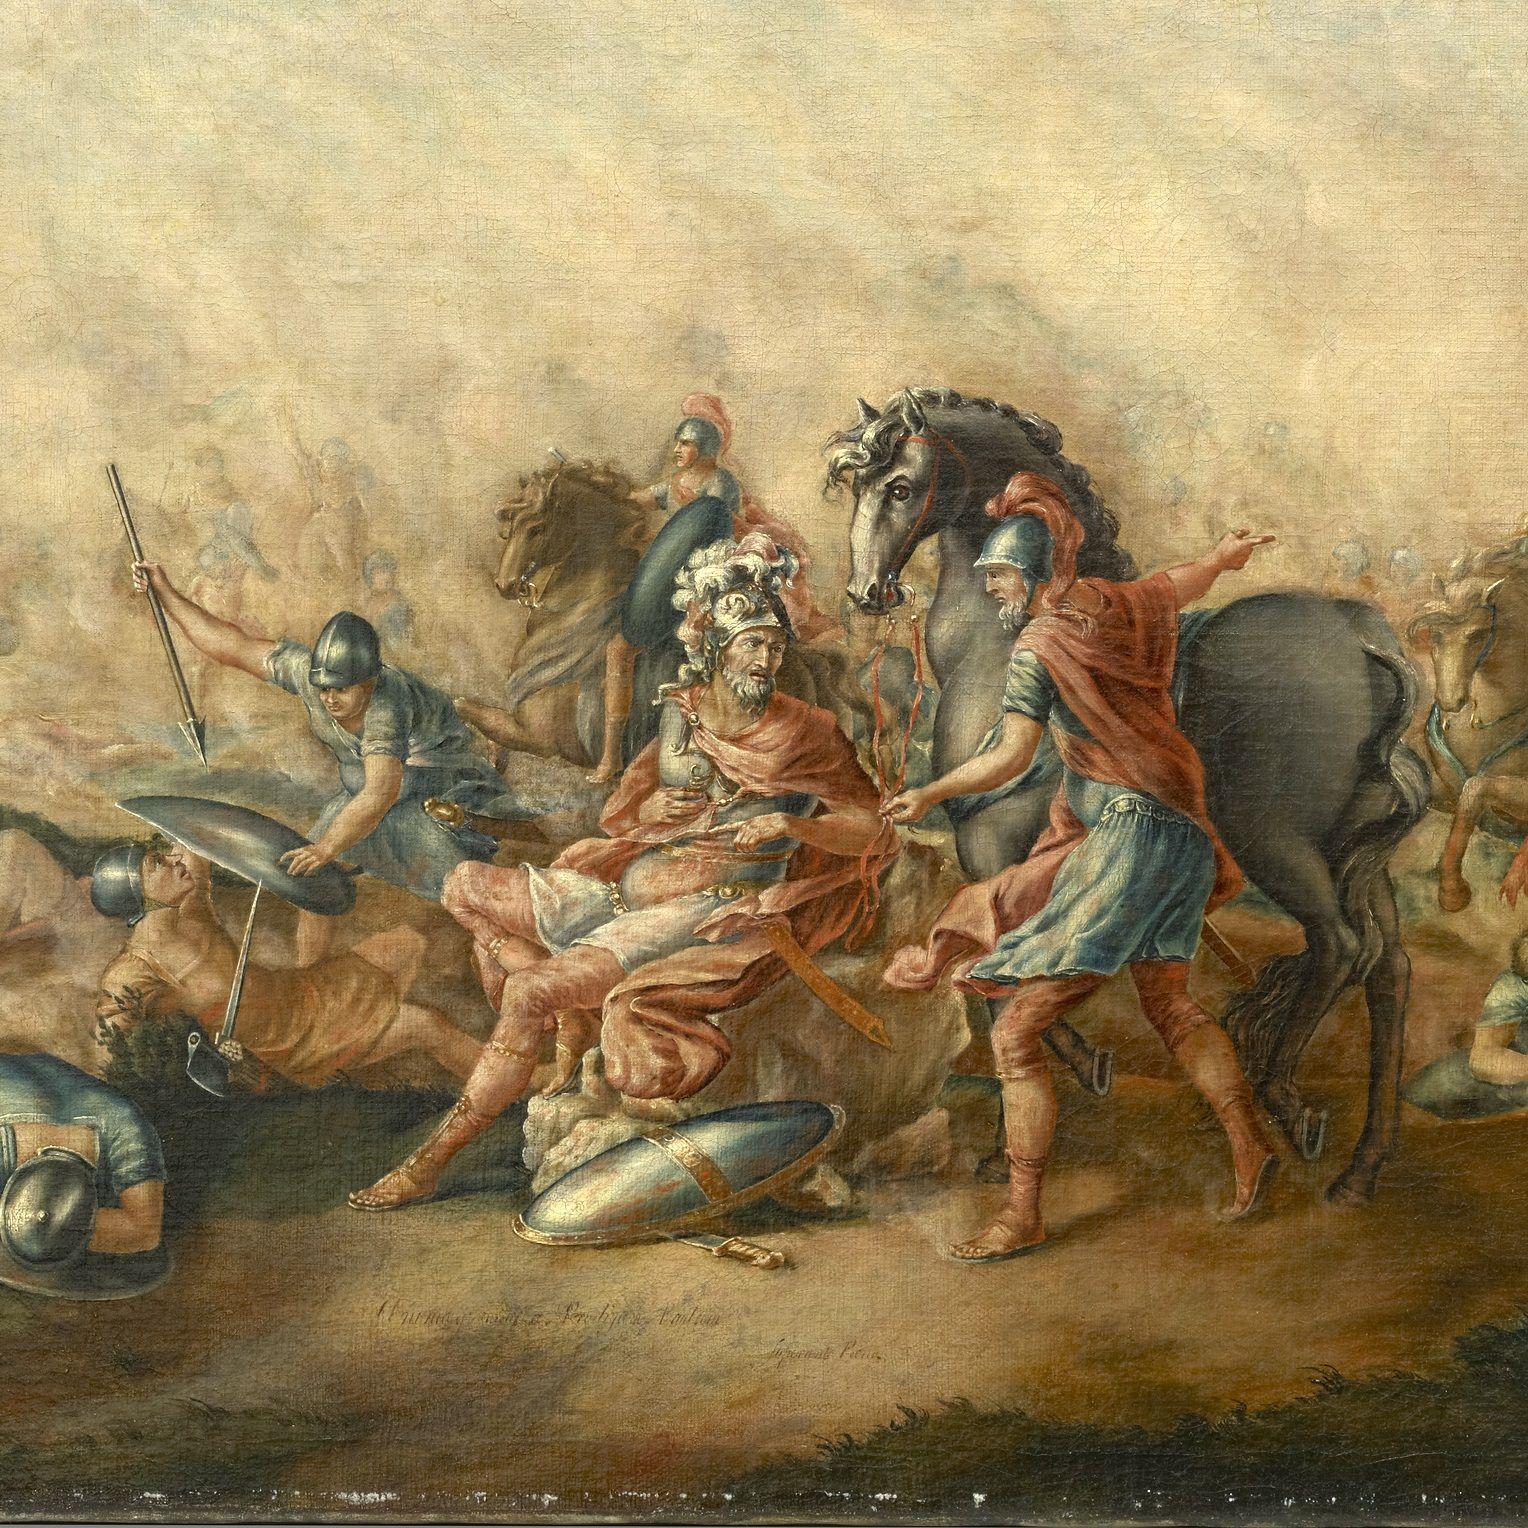 W bitwie zginął między innymi jeden z rzymskich konsulów.